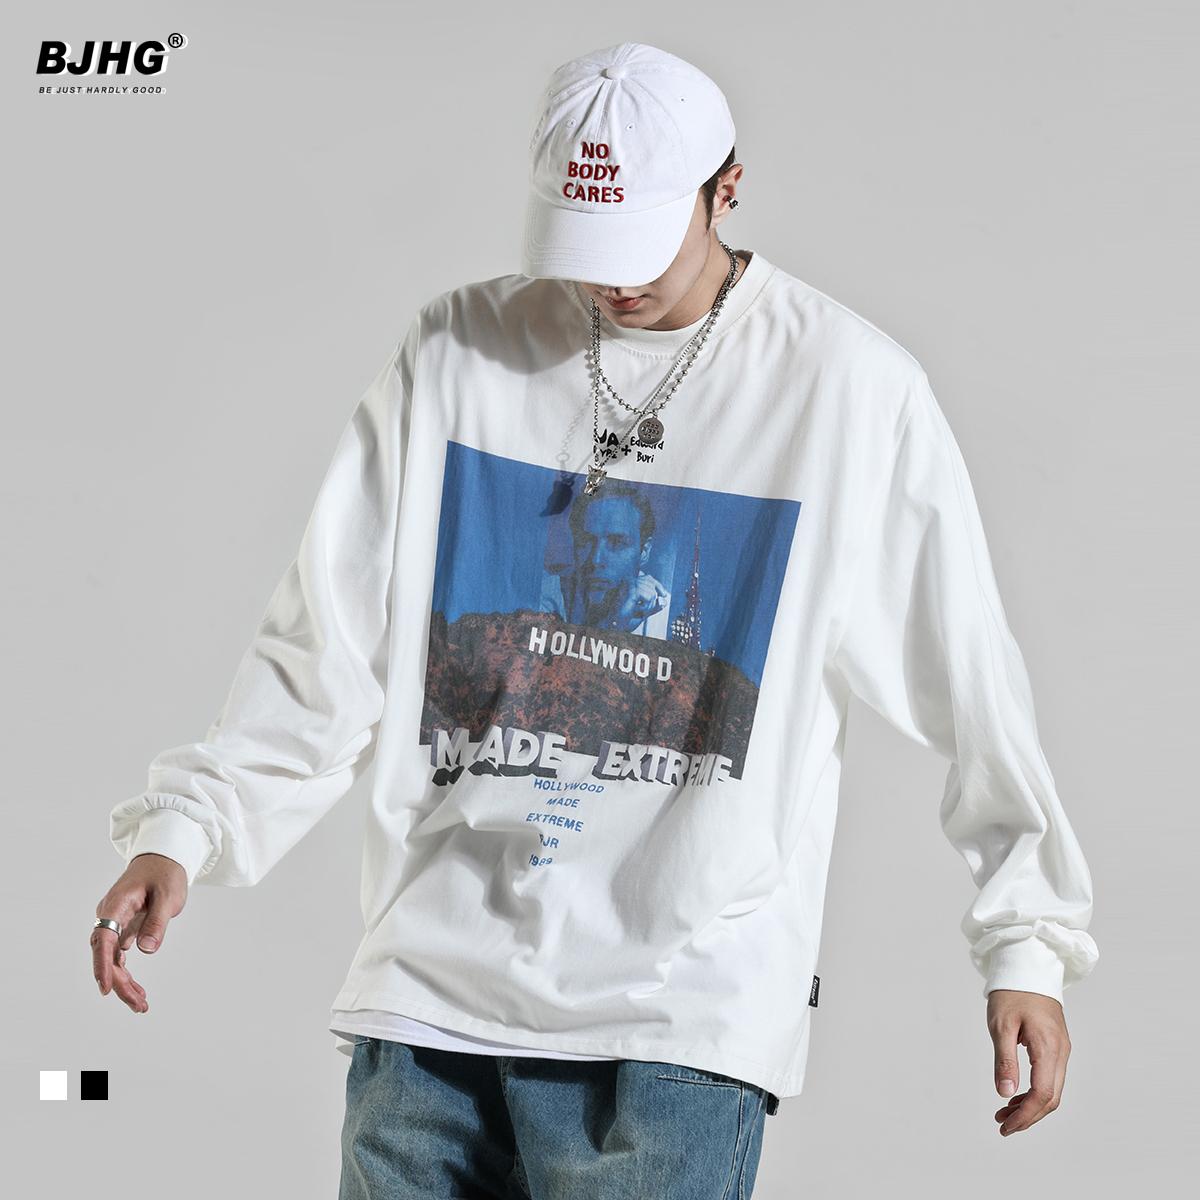 BJHG春季好莱坞印花卫衣男潮牌欧美街头嘻哈宽松长袖圆领套头上衣